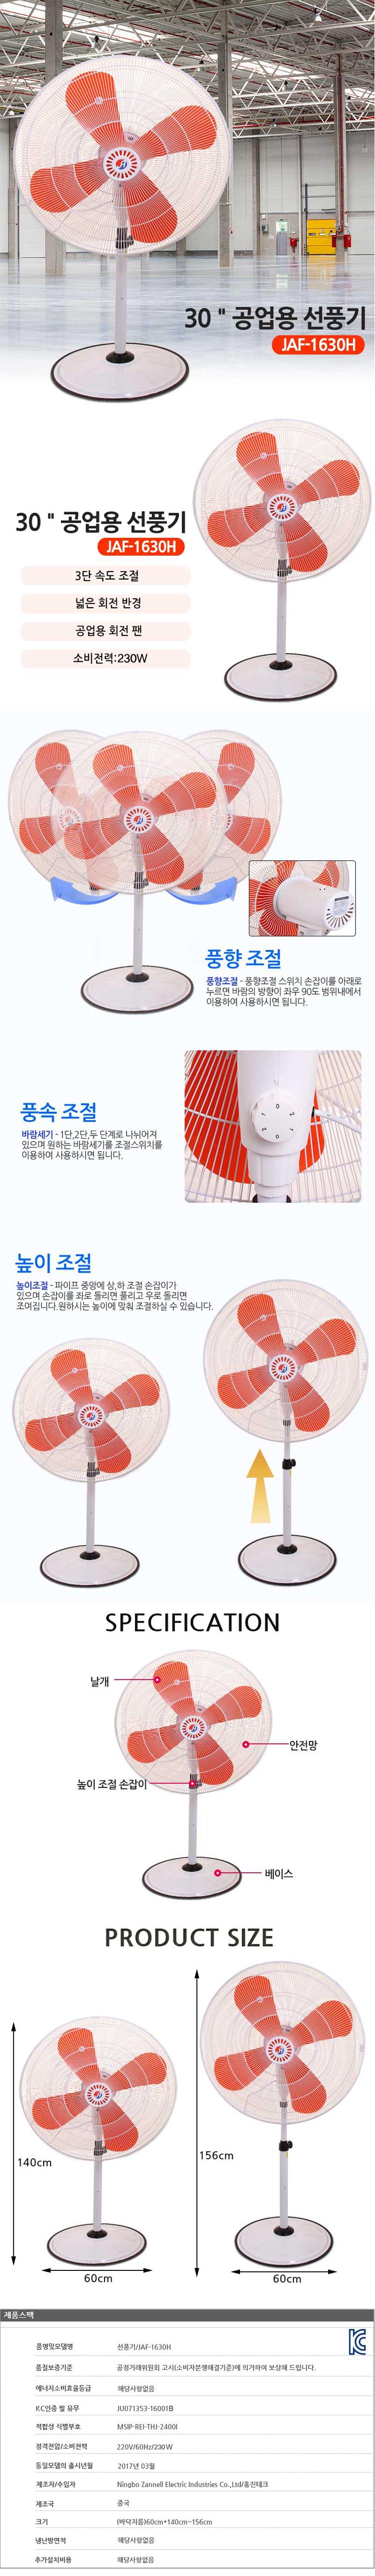 업소용선풍기,대형선풍기,공업선풍기,업소용대형선풍기,원형선풍기